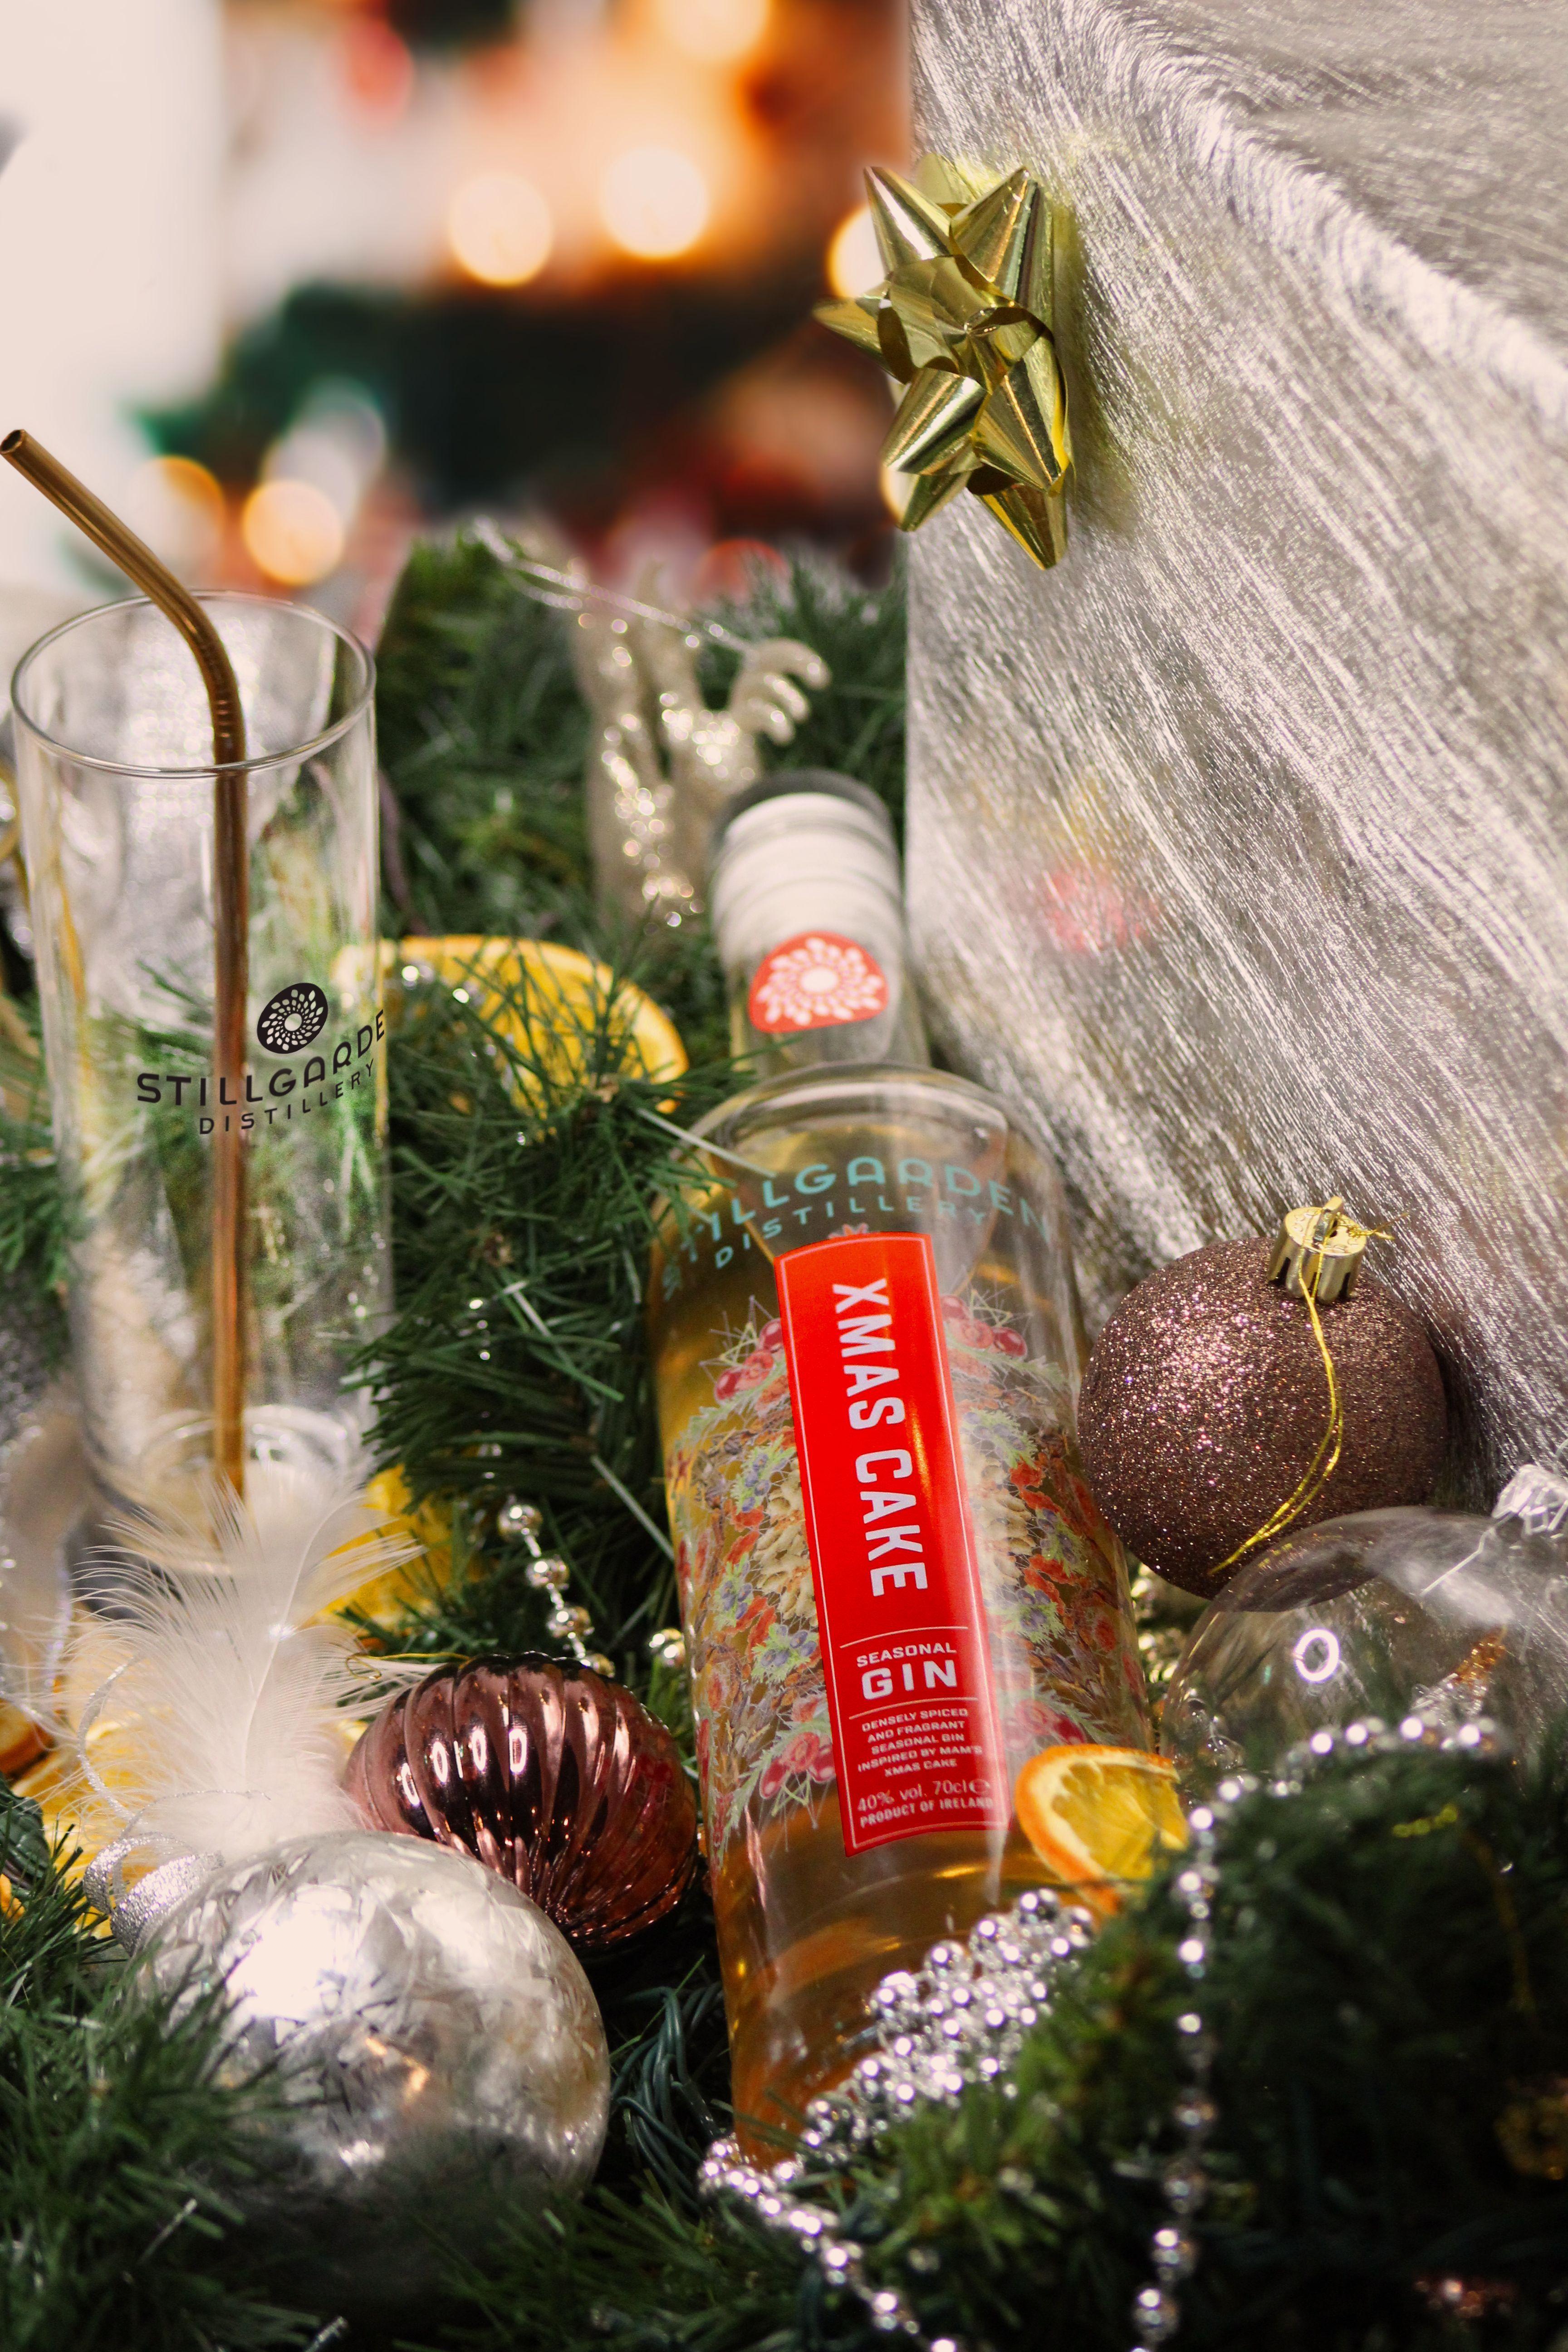 Win Christmas gin box from Stillgarden Distillery